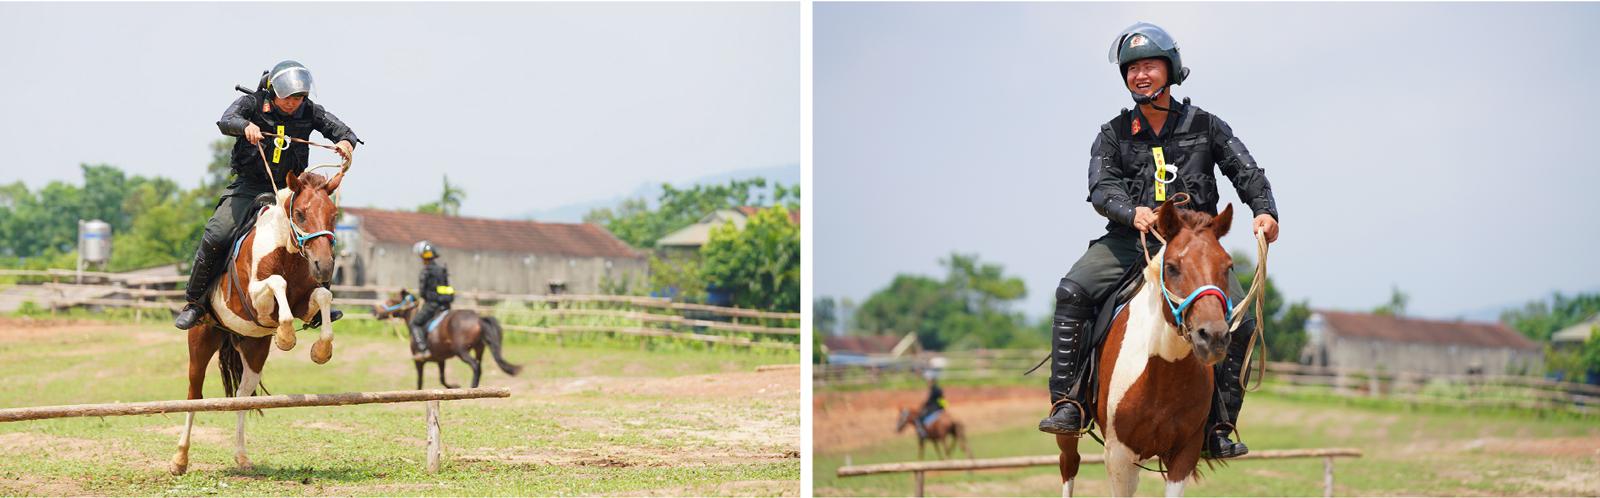 Cảnh sát cơ động Kỵ binh huấn luyện ngựa nghiệp vụ ảnh 16